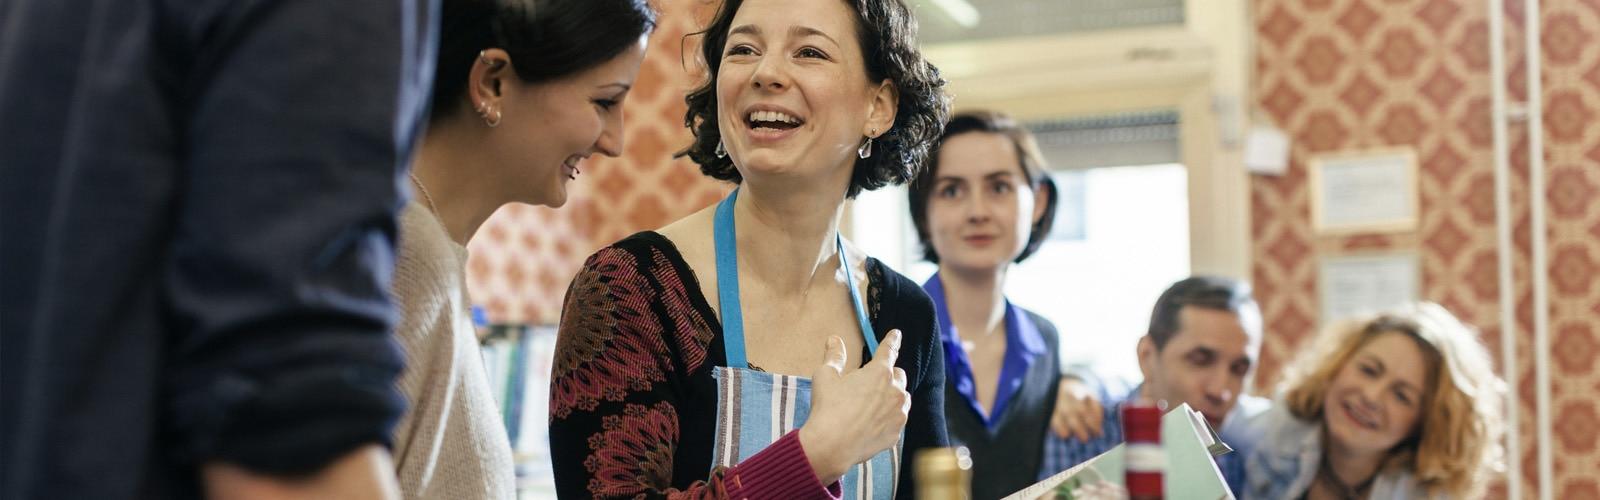 Μια γυναίκα δασκάλα μαγειρικής περιβάλλεται από περίεργους μαθητές σε μια κουζίνα